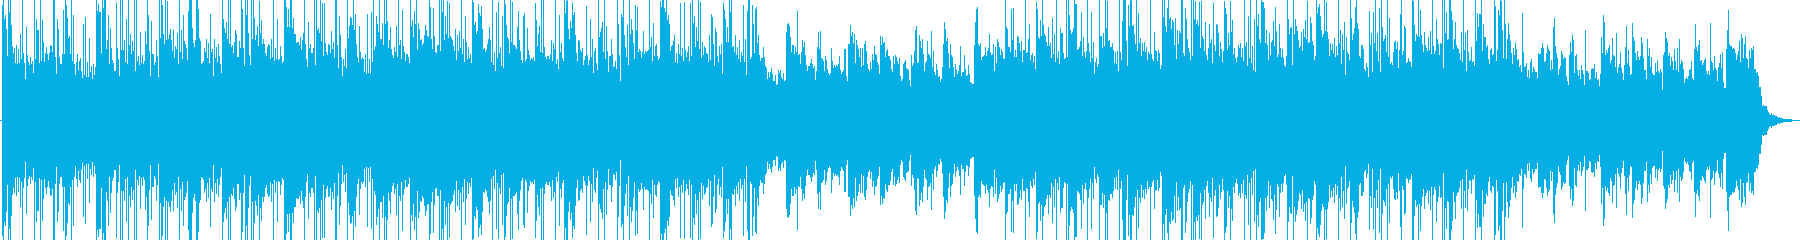 柔らかさをイメージしたヒップホップ風チルの再生済みの波形